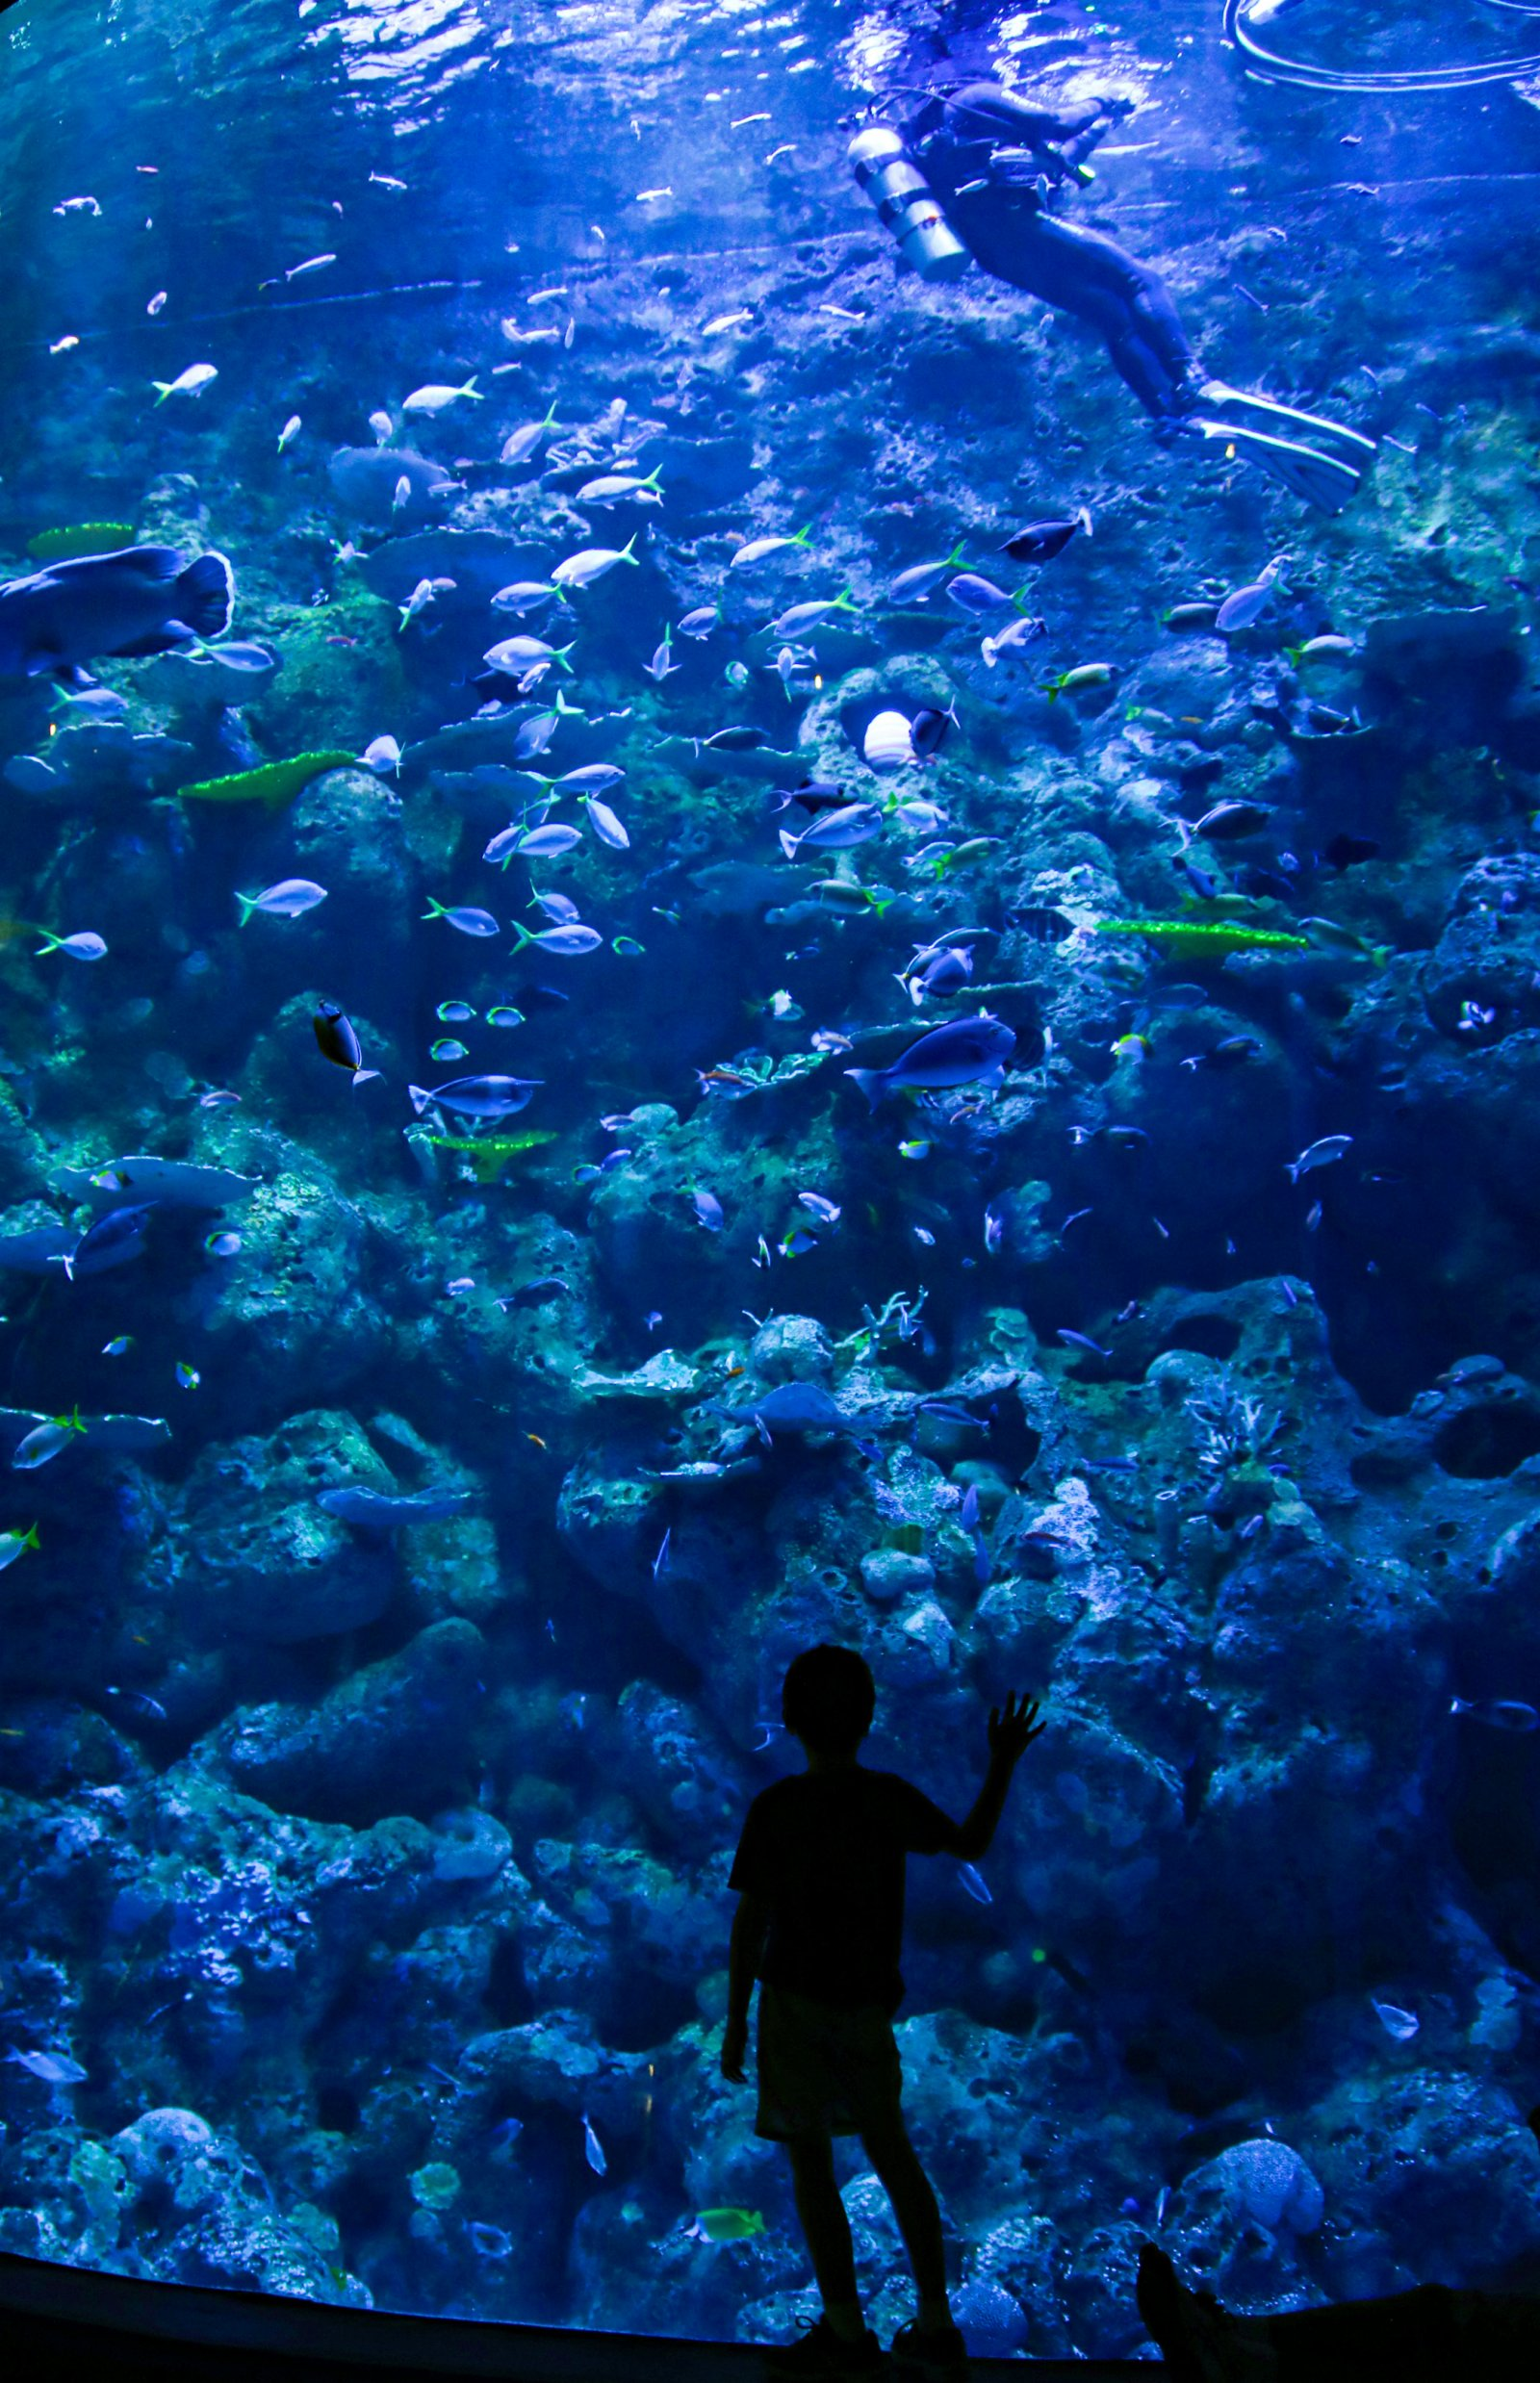 4月1日,遊客在澳大利亞凱恩斯參觀水族館。(新華社)